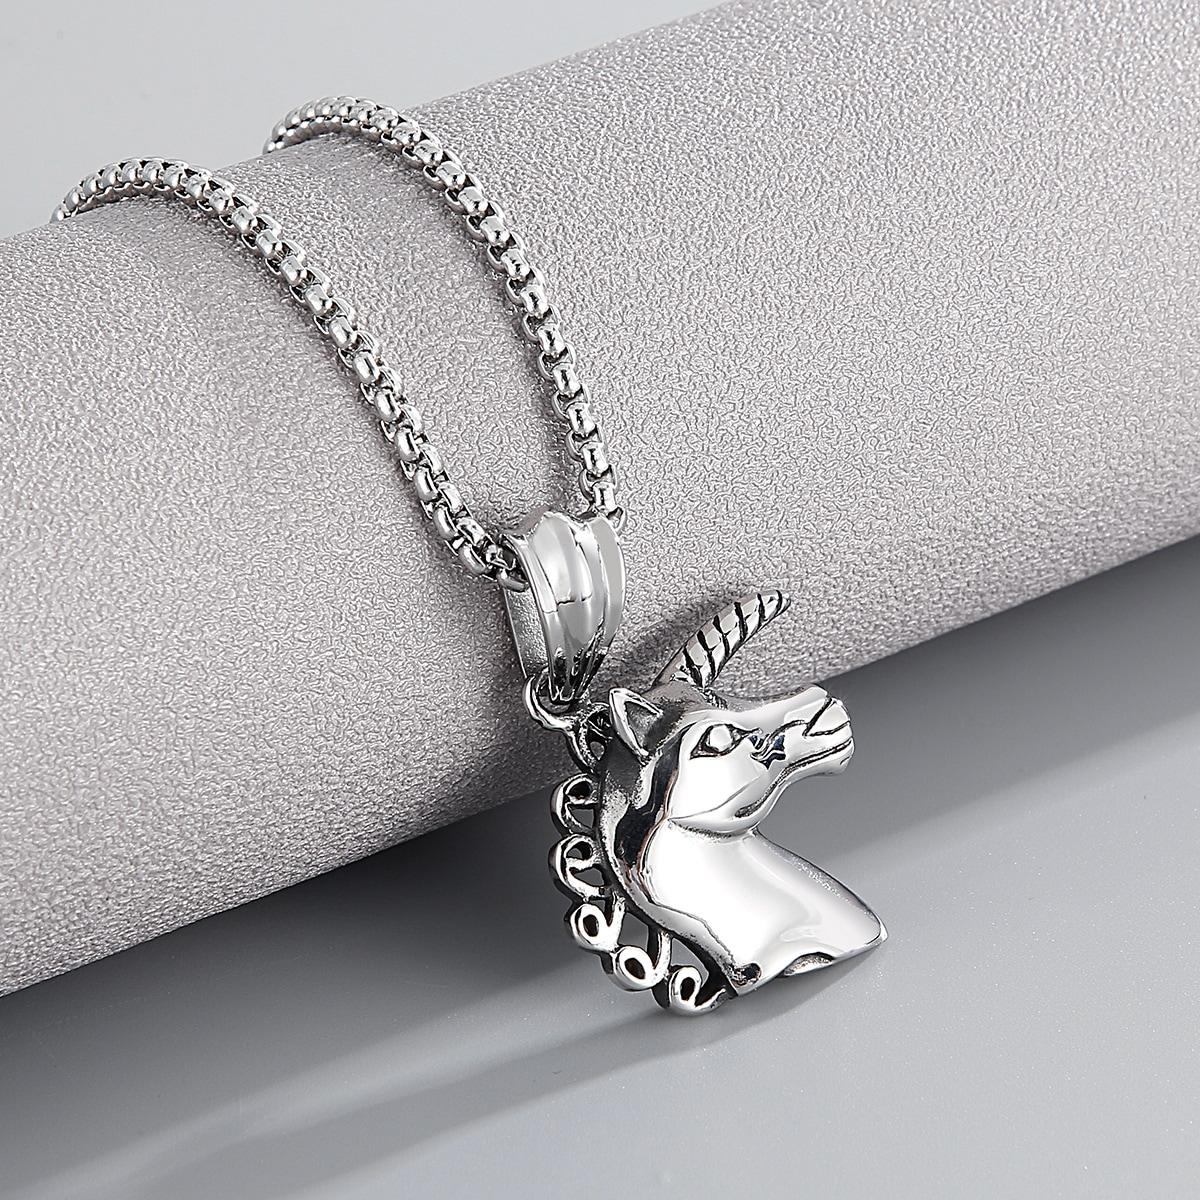 Ожерелье с подвеской единорога для мужчин